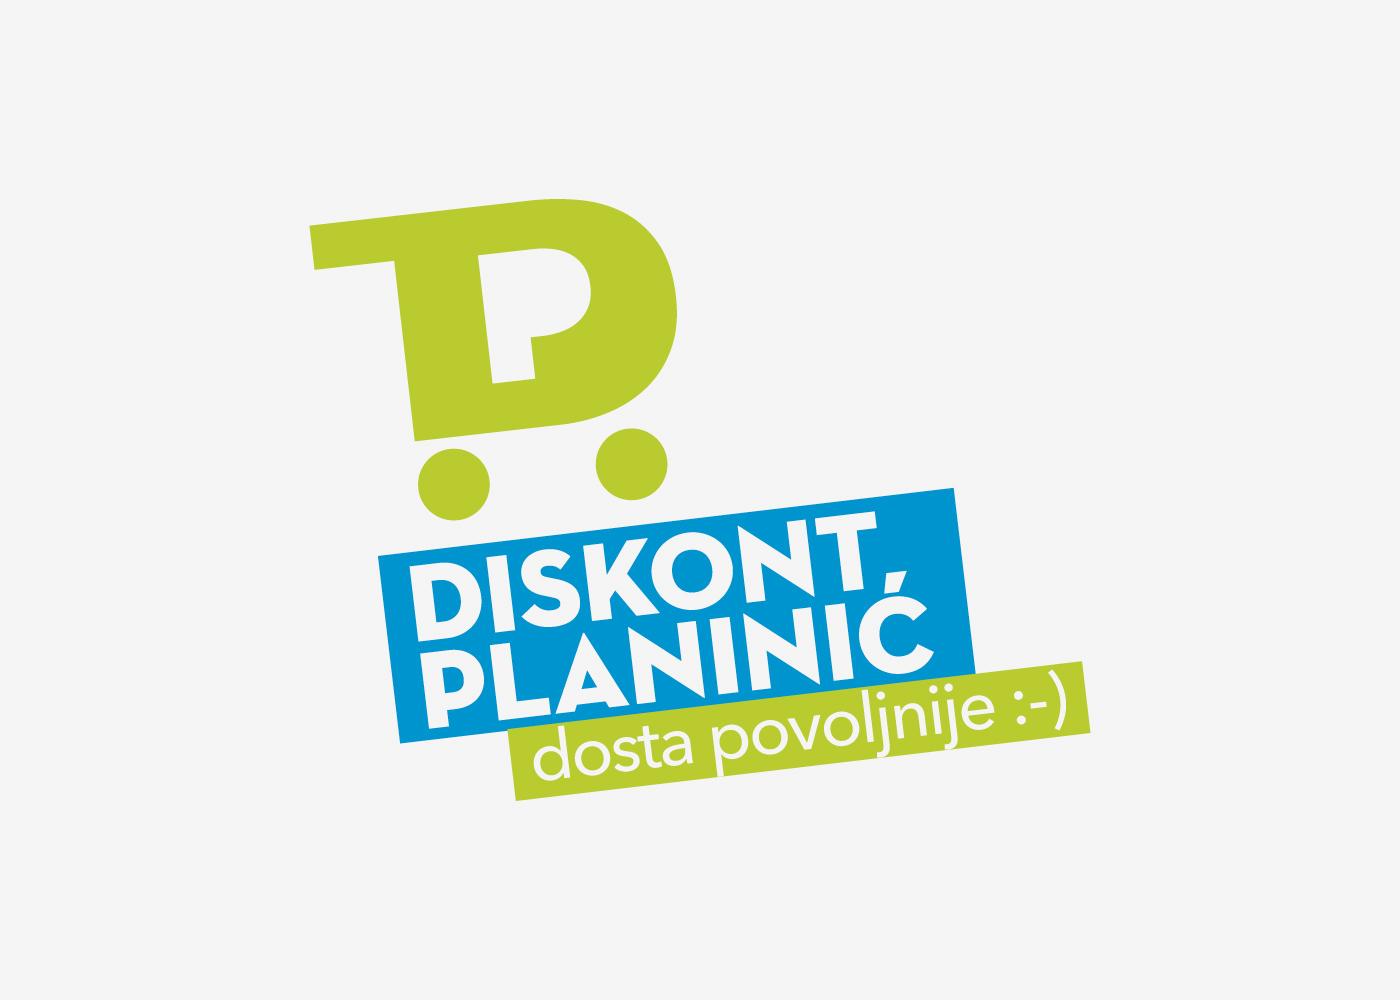 Vizualni identitet i promotivna kampanja lanca trgovina Diskont Planinić